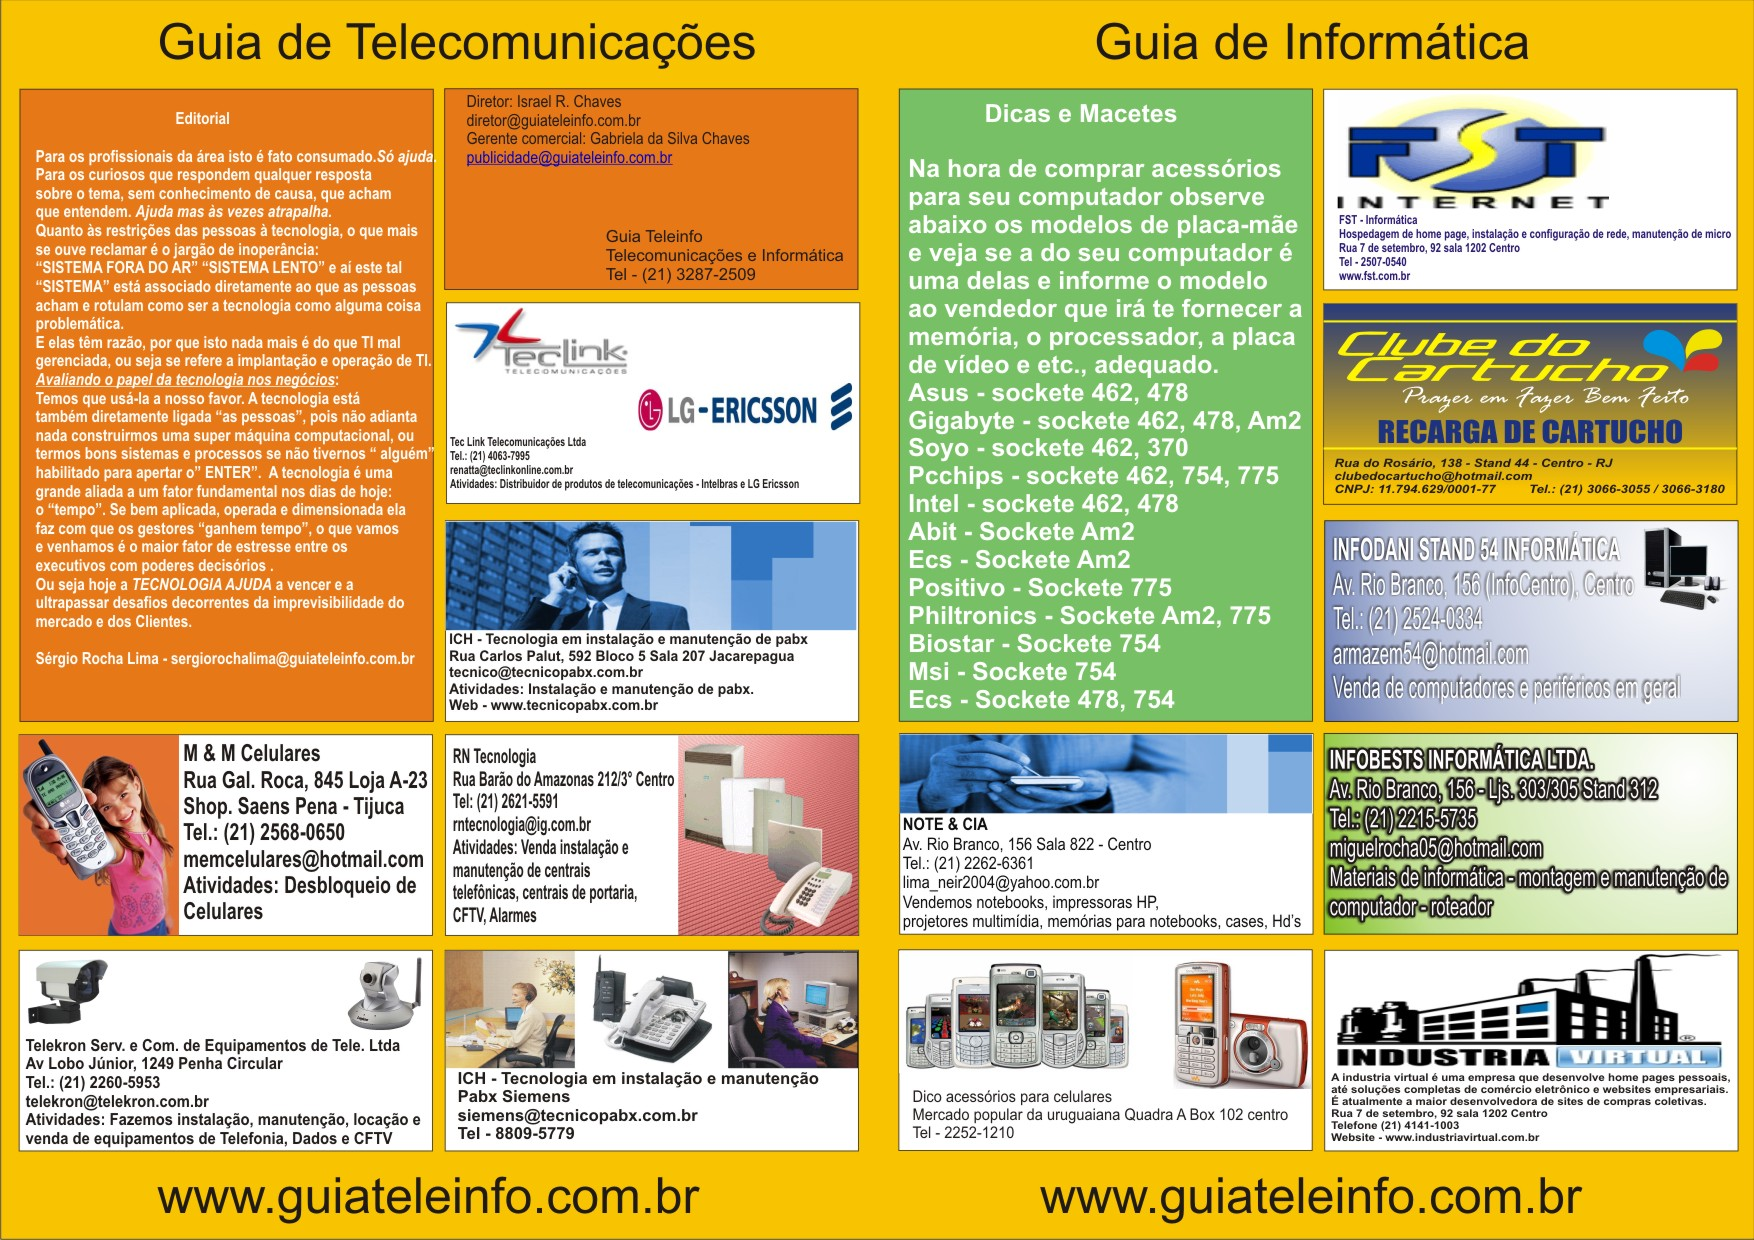 Guia Teleinfo.com.br